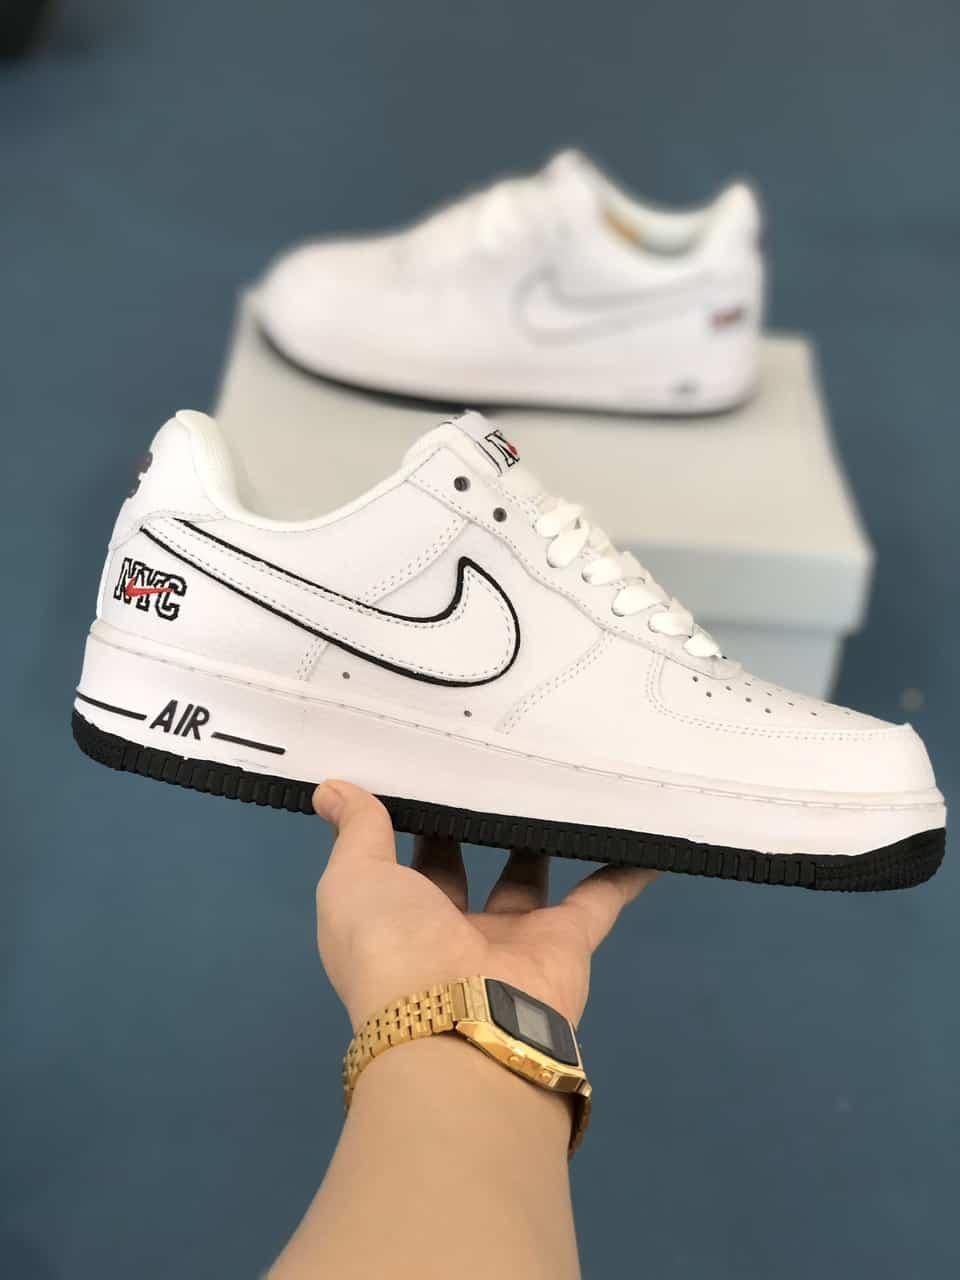 Giày Nike Air Force 1 NYC rep 1:1 thể hiện phong cách đẳng cấp của giới Streetware